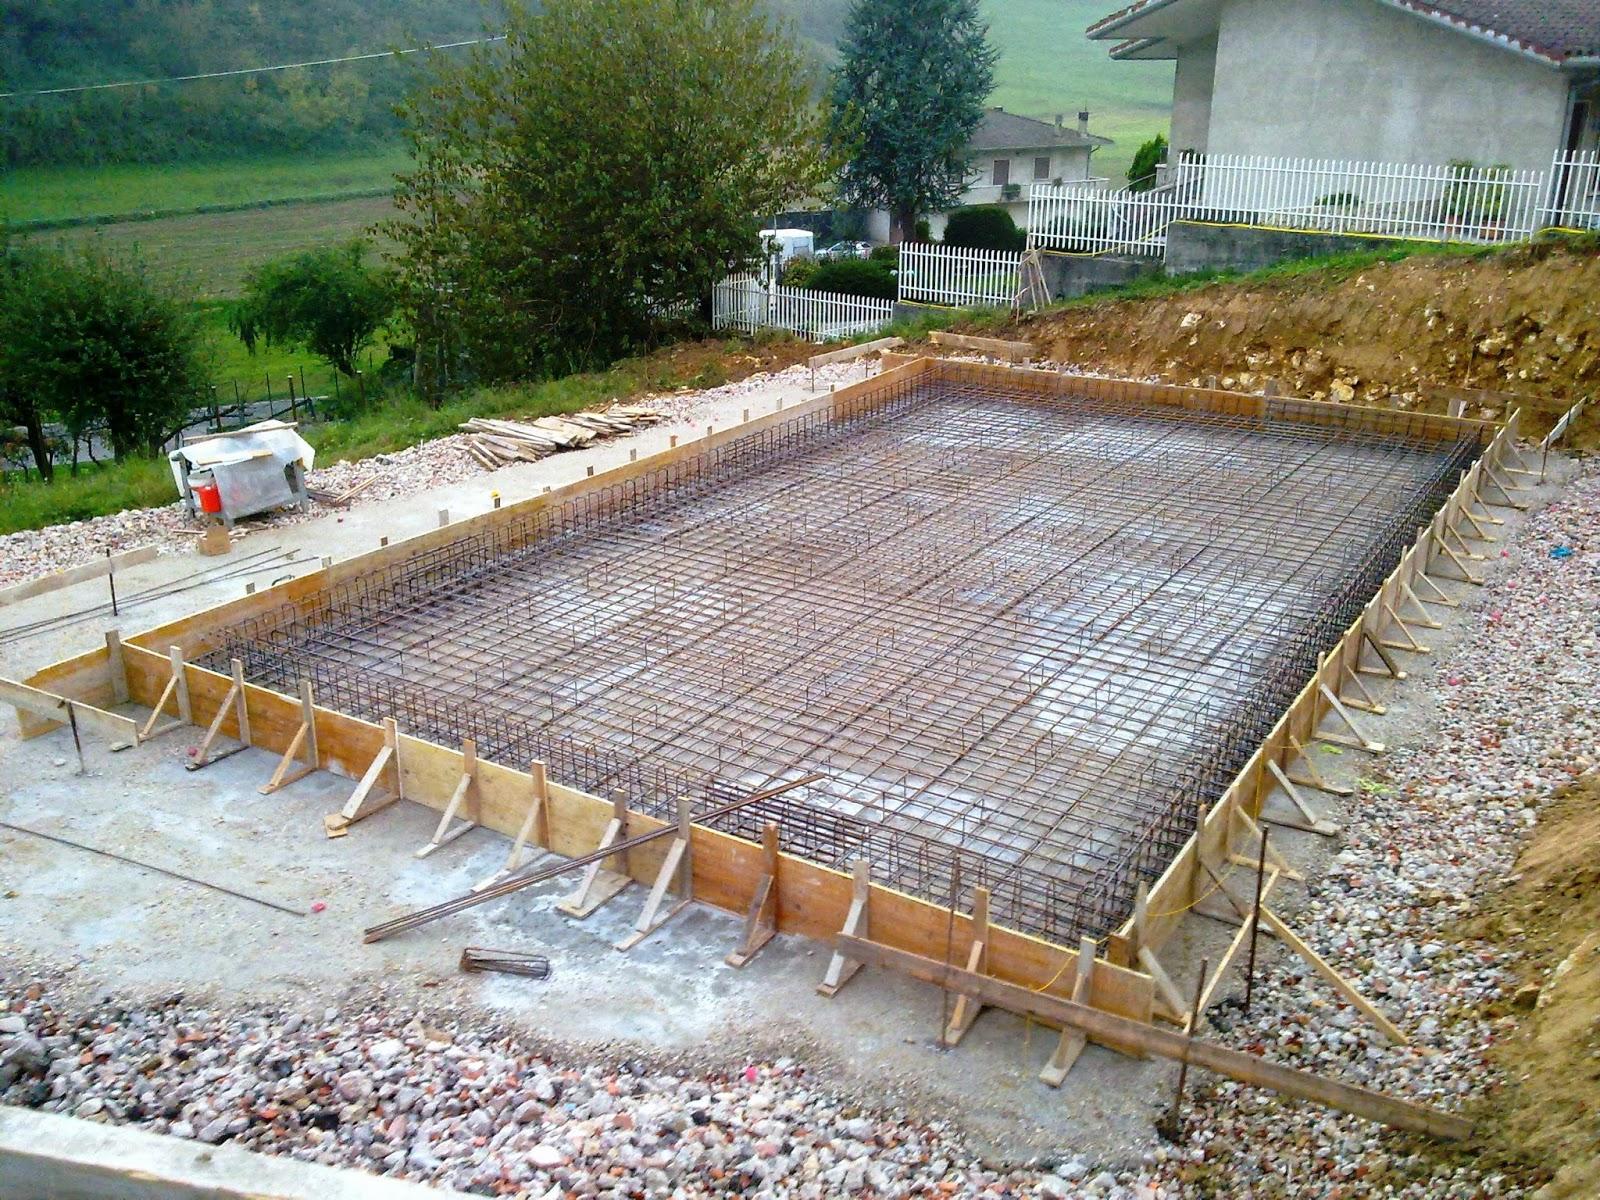 Plan up architettura design le fondazioni for Fondazioni per case in legno